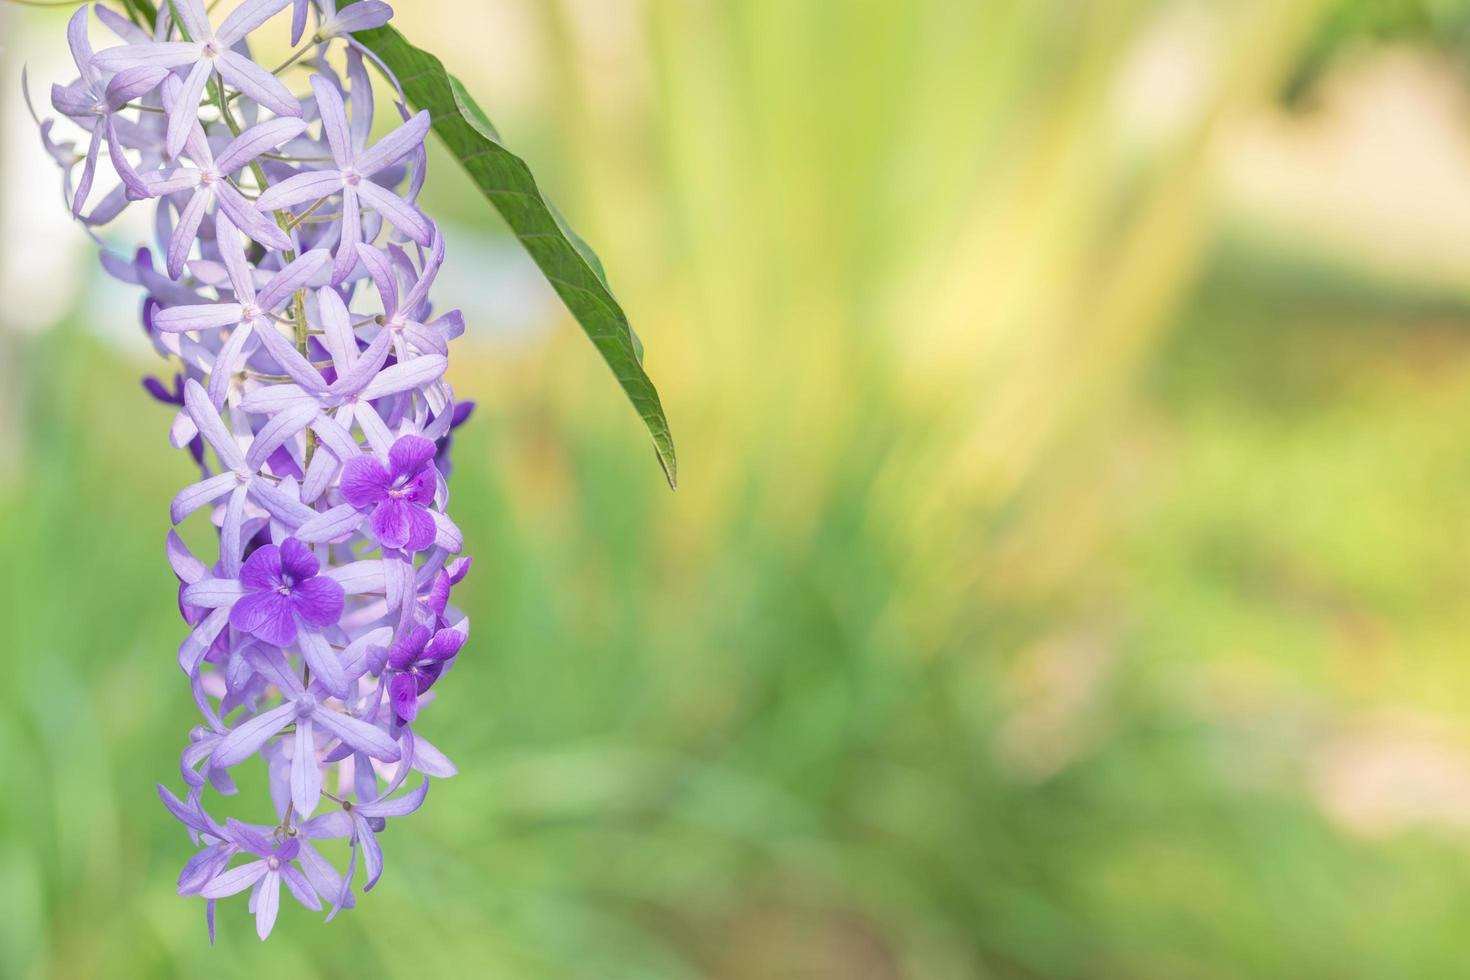 flores de color púrpura en el jardín foto